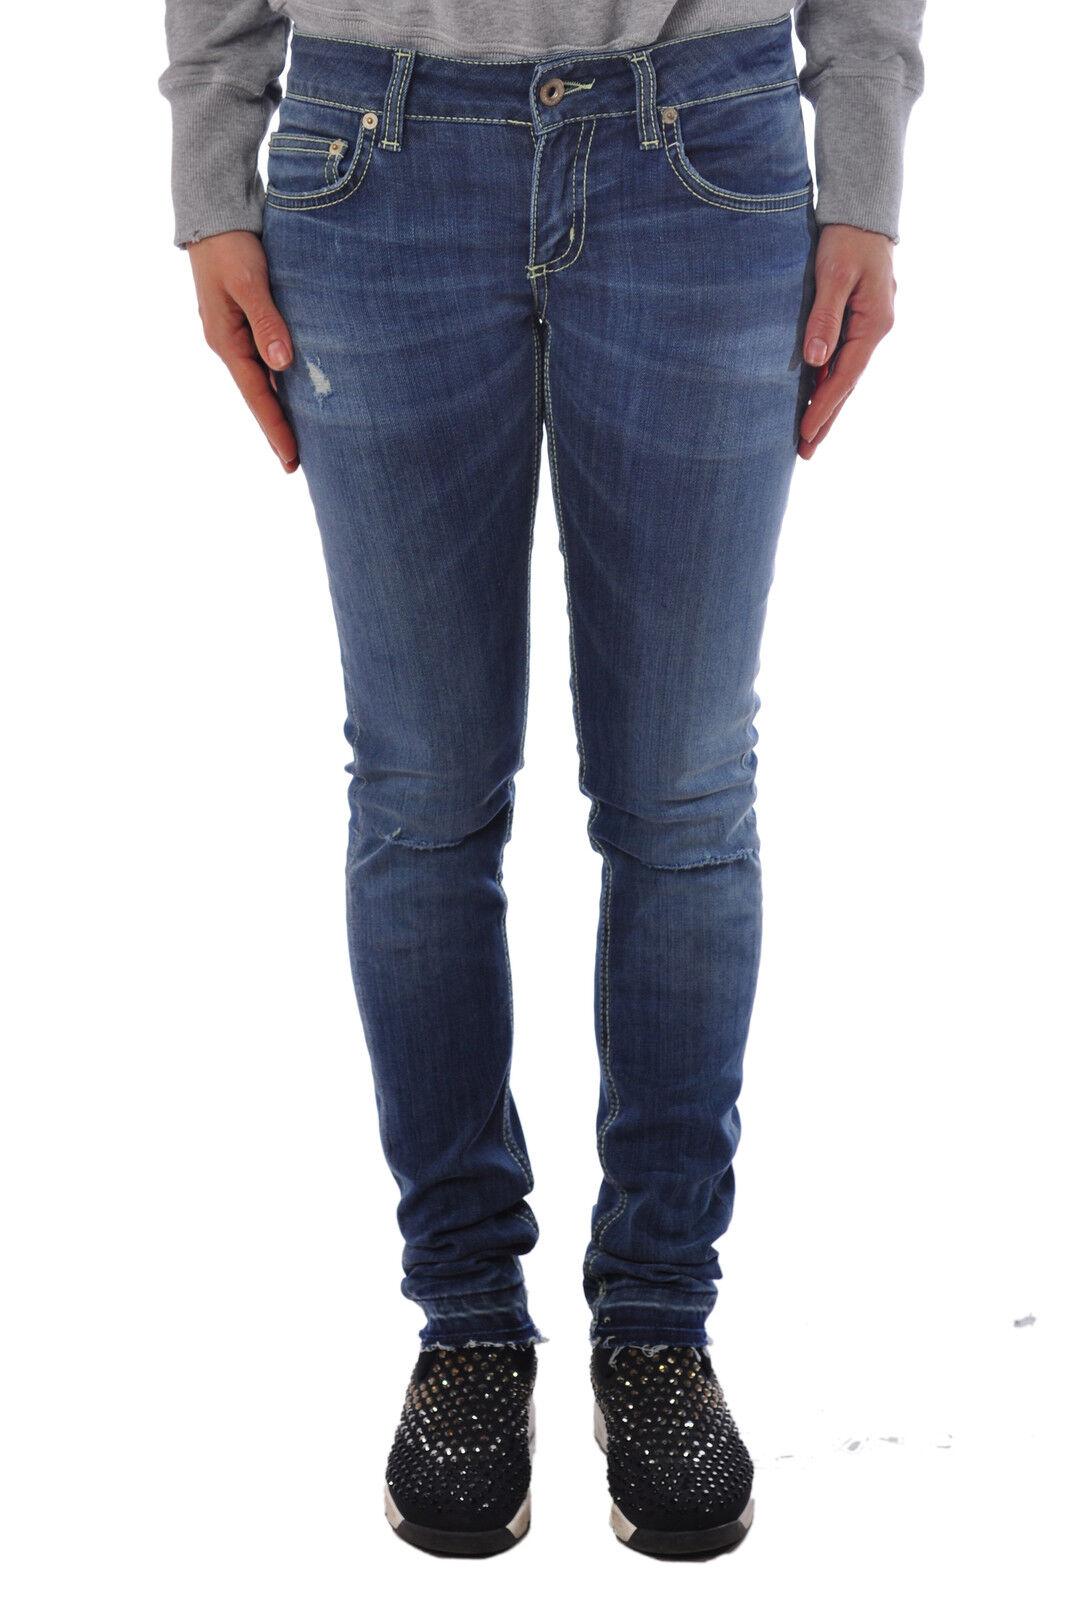 Dondup  -  Pants - Female - 30 - Denim - 1318502B162254